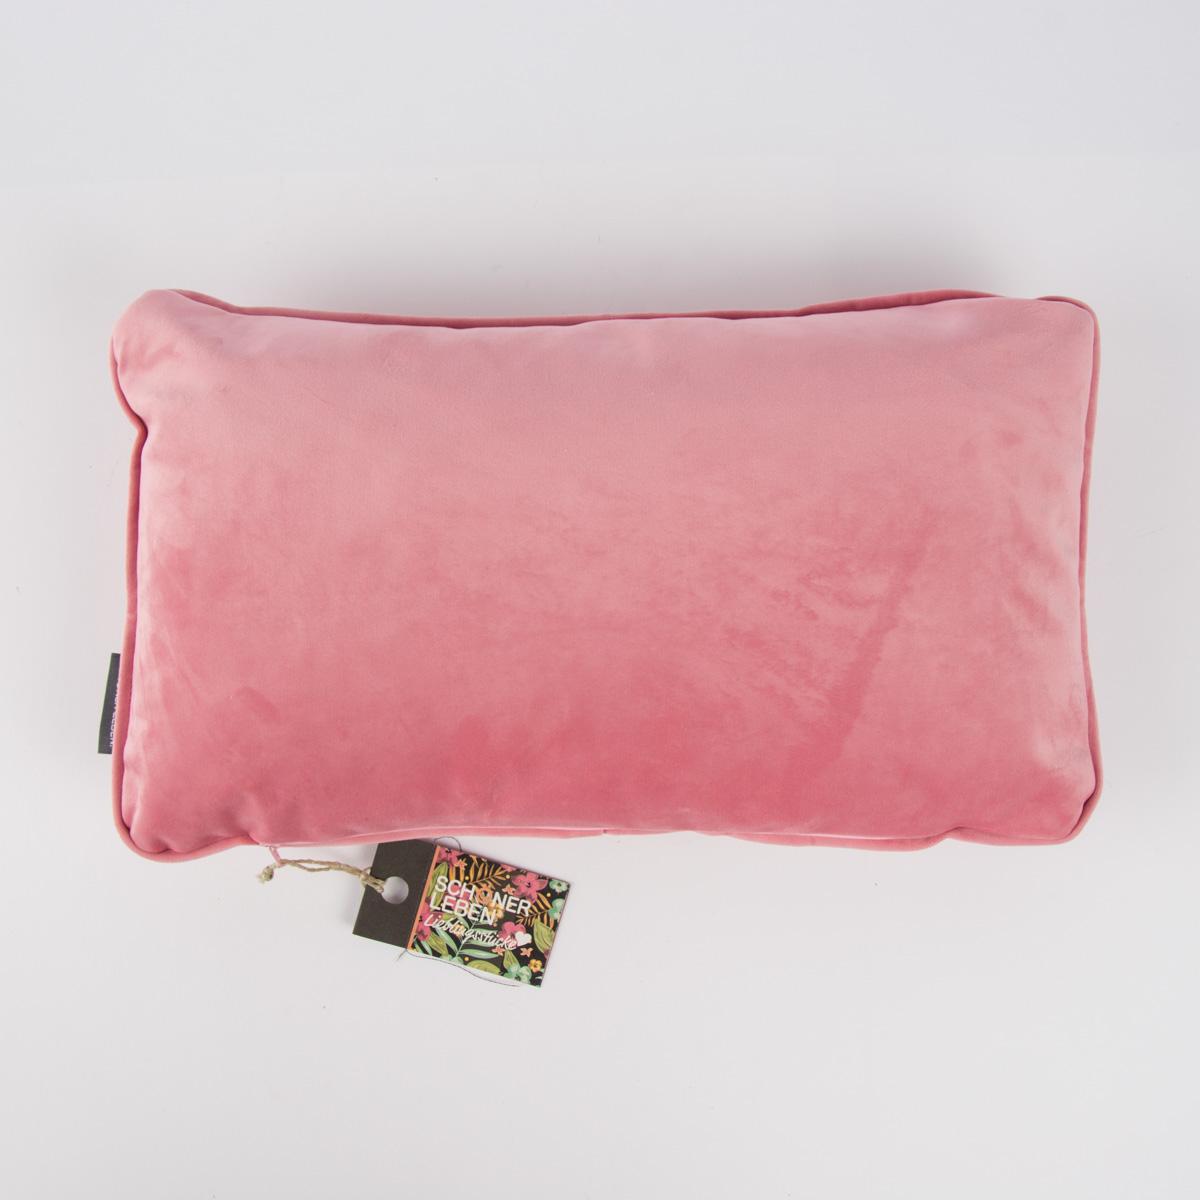 SCHÖNER LEBEN.  Samtkissen mit Kederumrandung und Federfüllung rosa 30x50cm